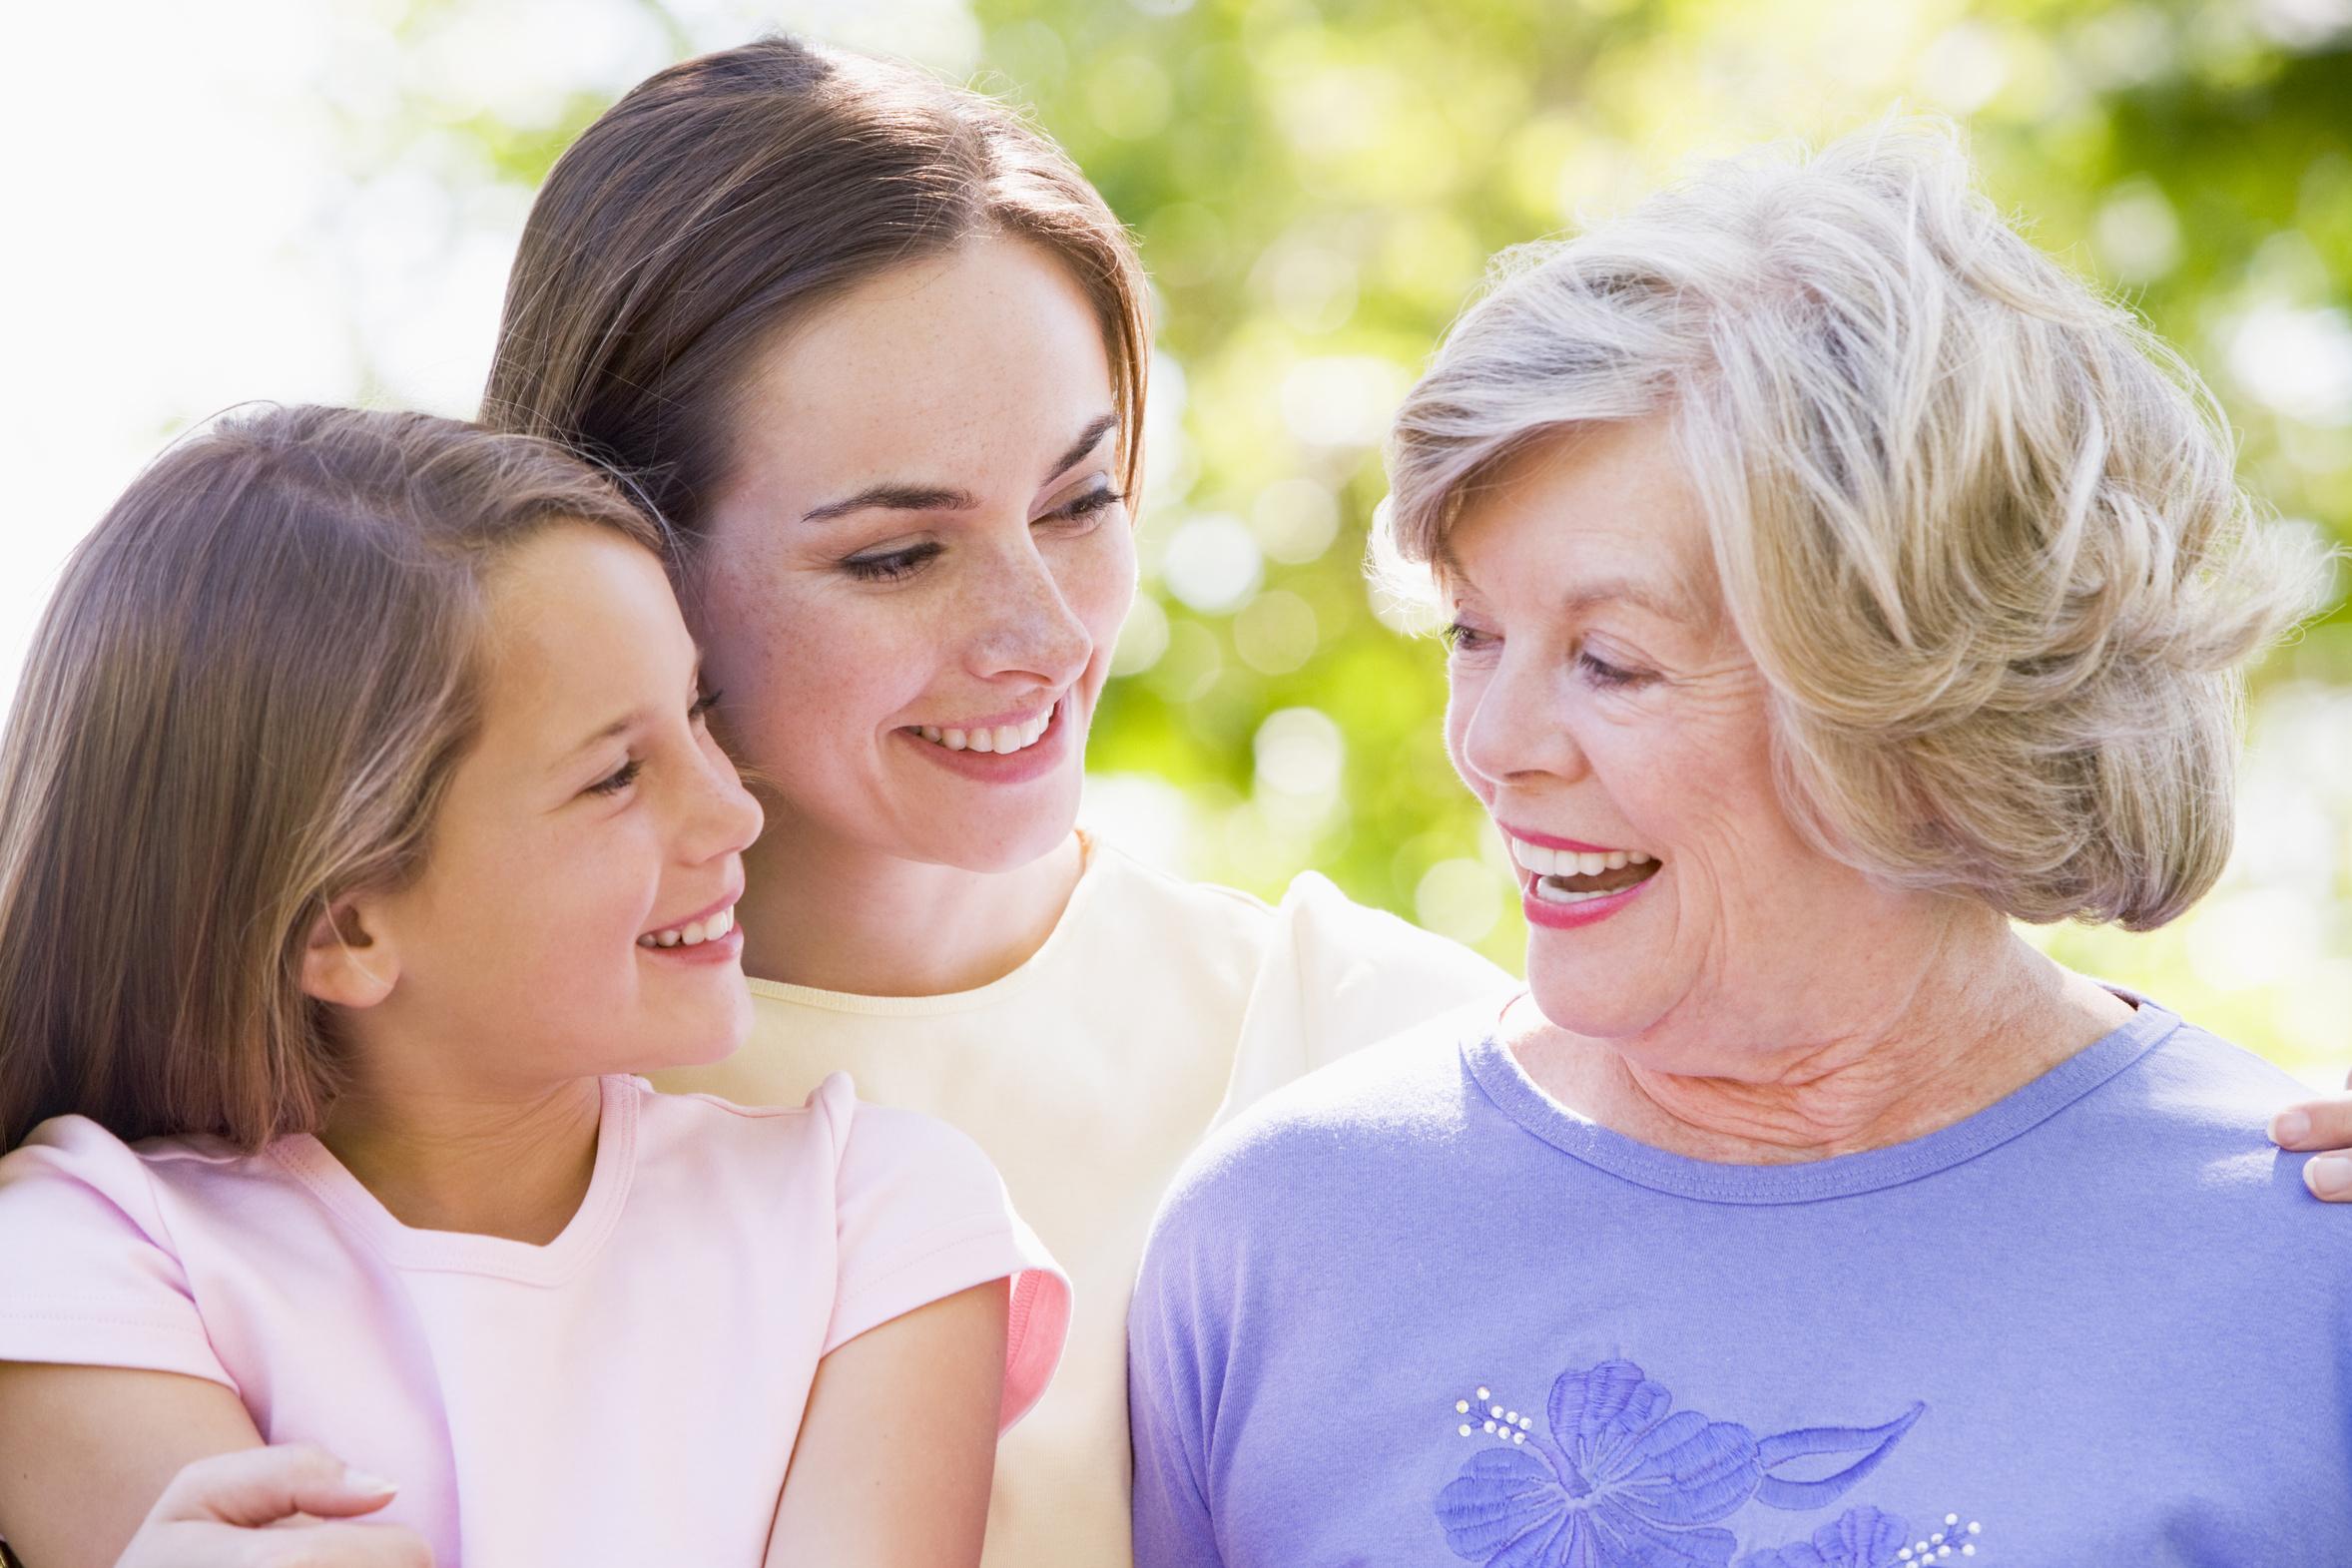 Фото женщин со взрослыми детьми